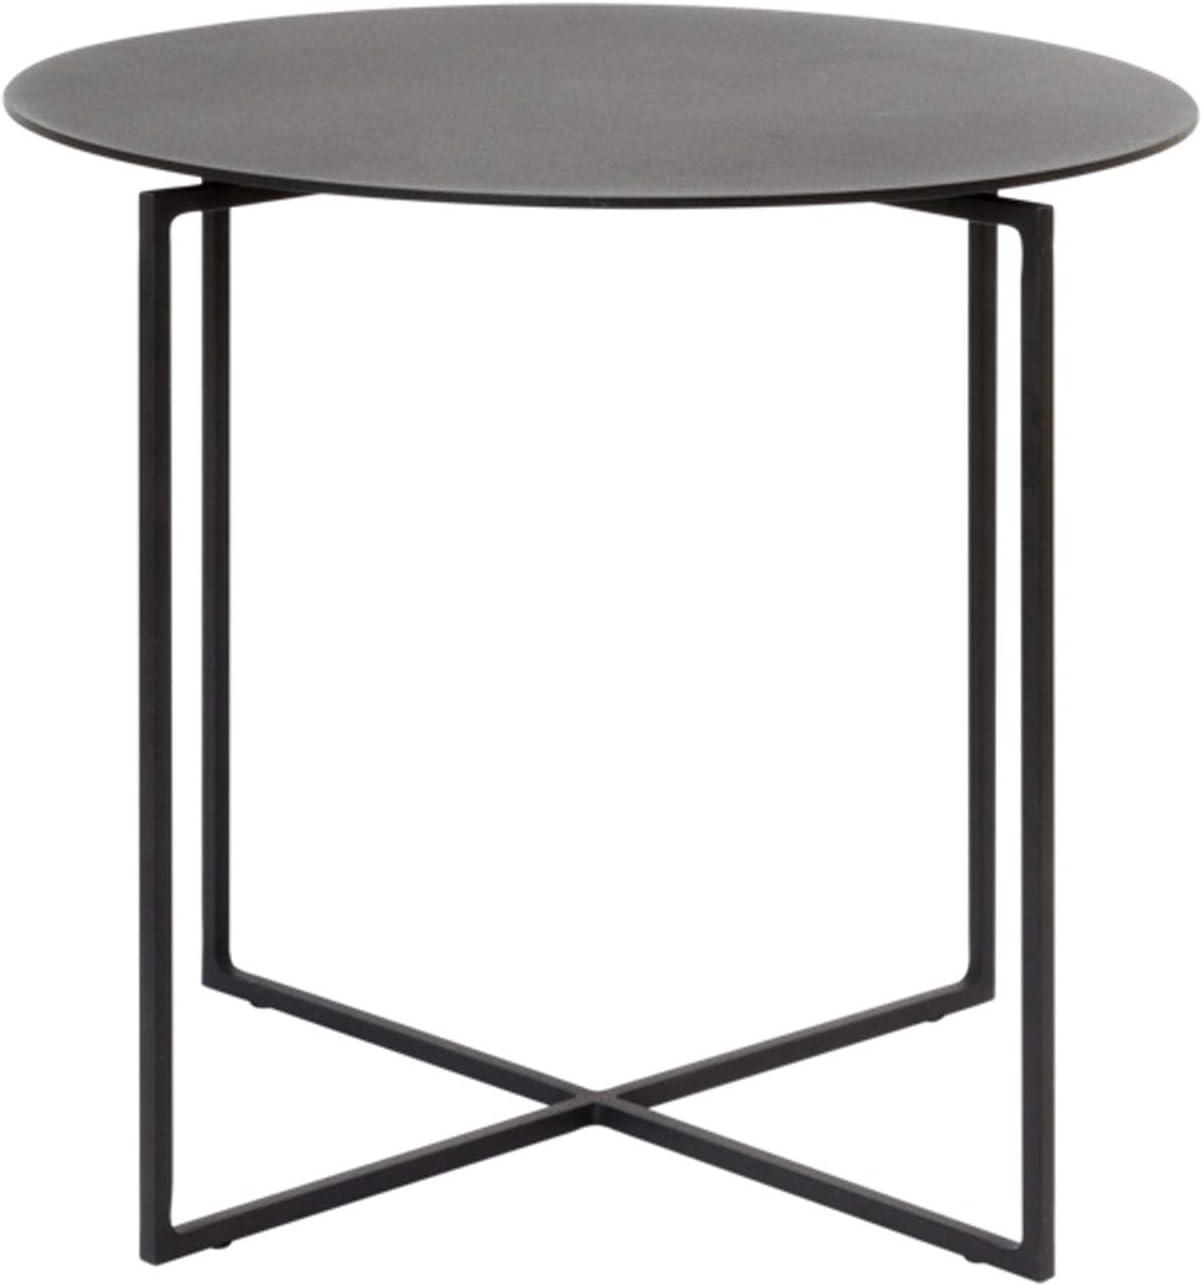 Mesas de café Mesa de extremo redonda de metal, mesa lateral Matte premium Texture Tabla de café pequeña for sala de estar Baño Baño Balcón y oficina, 15.7